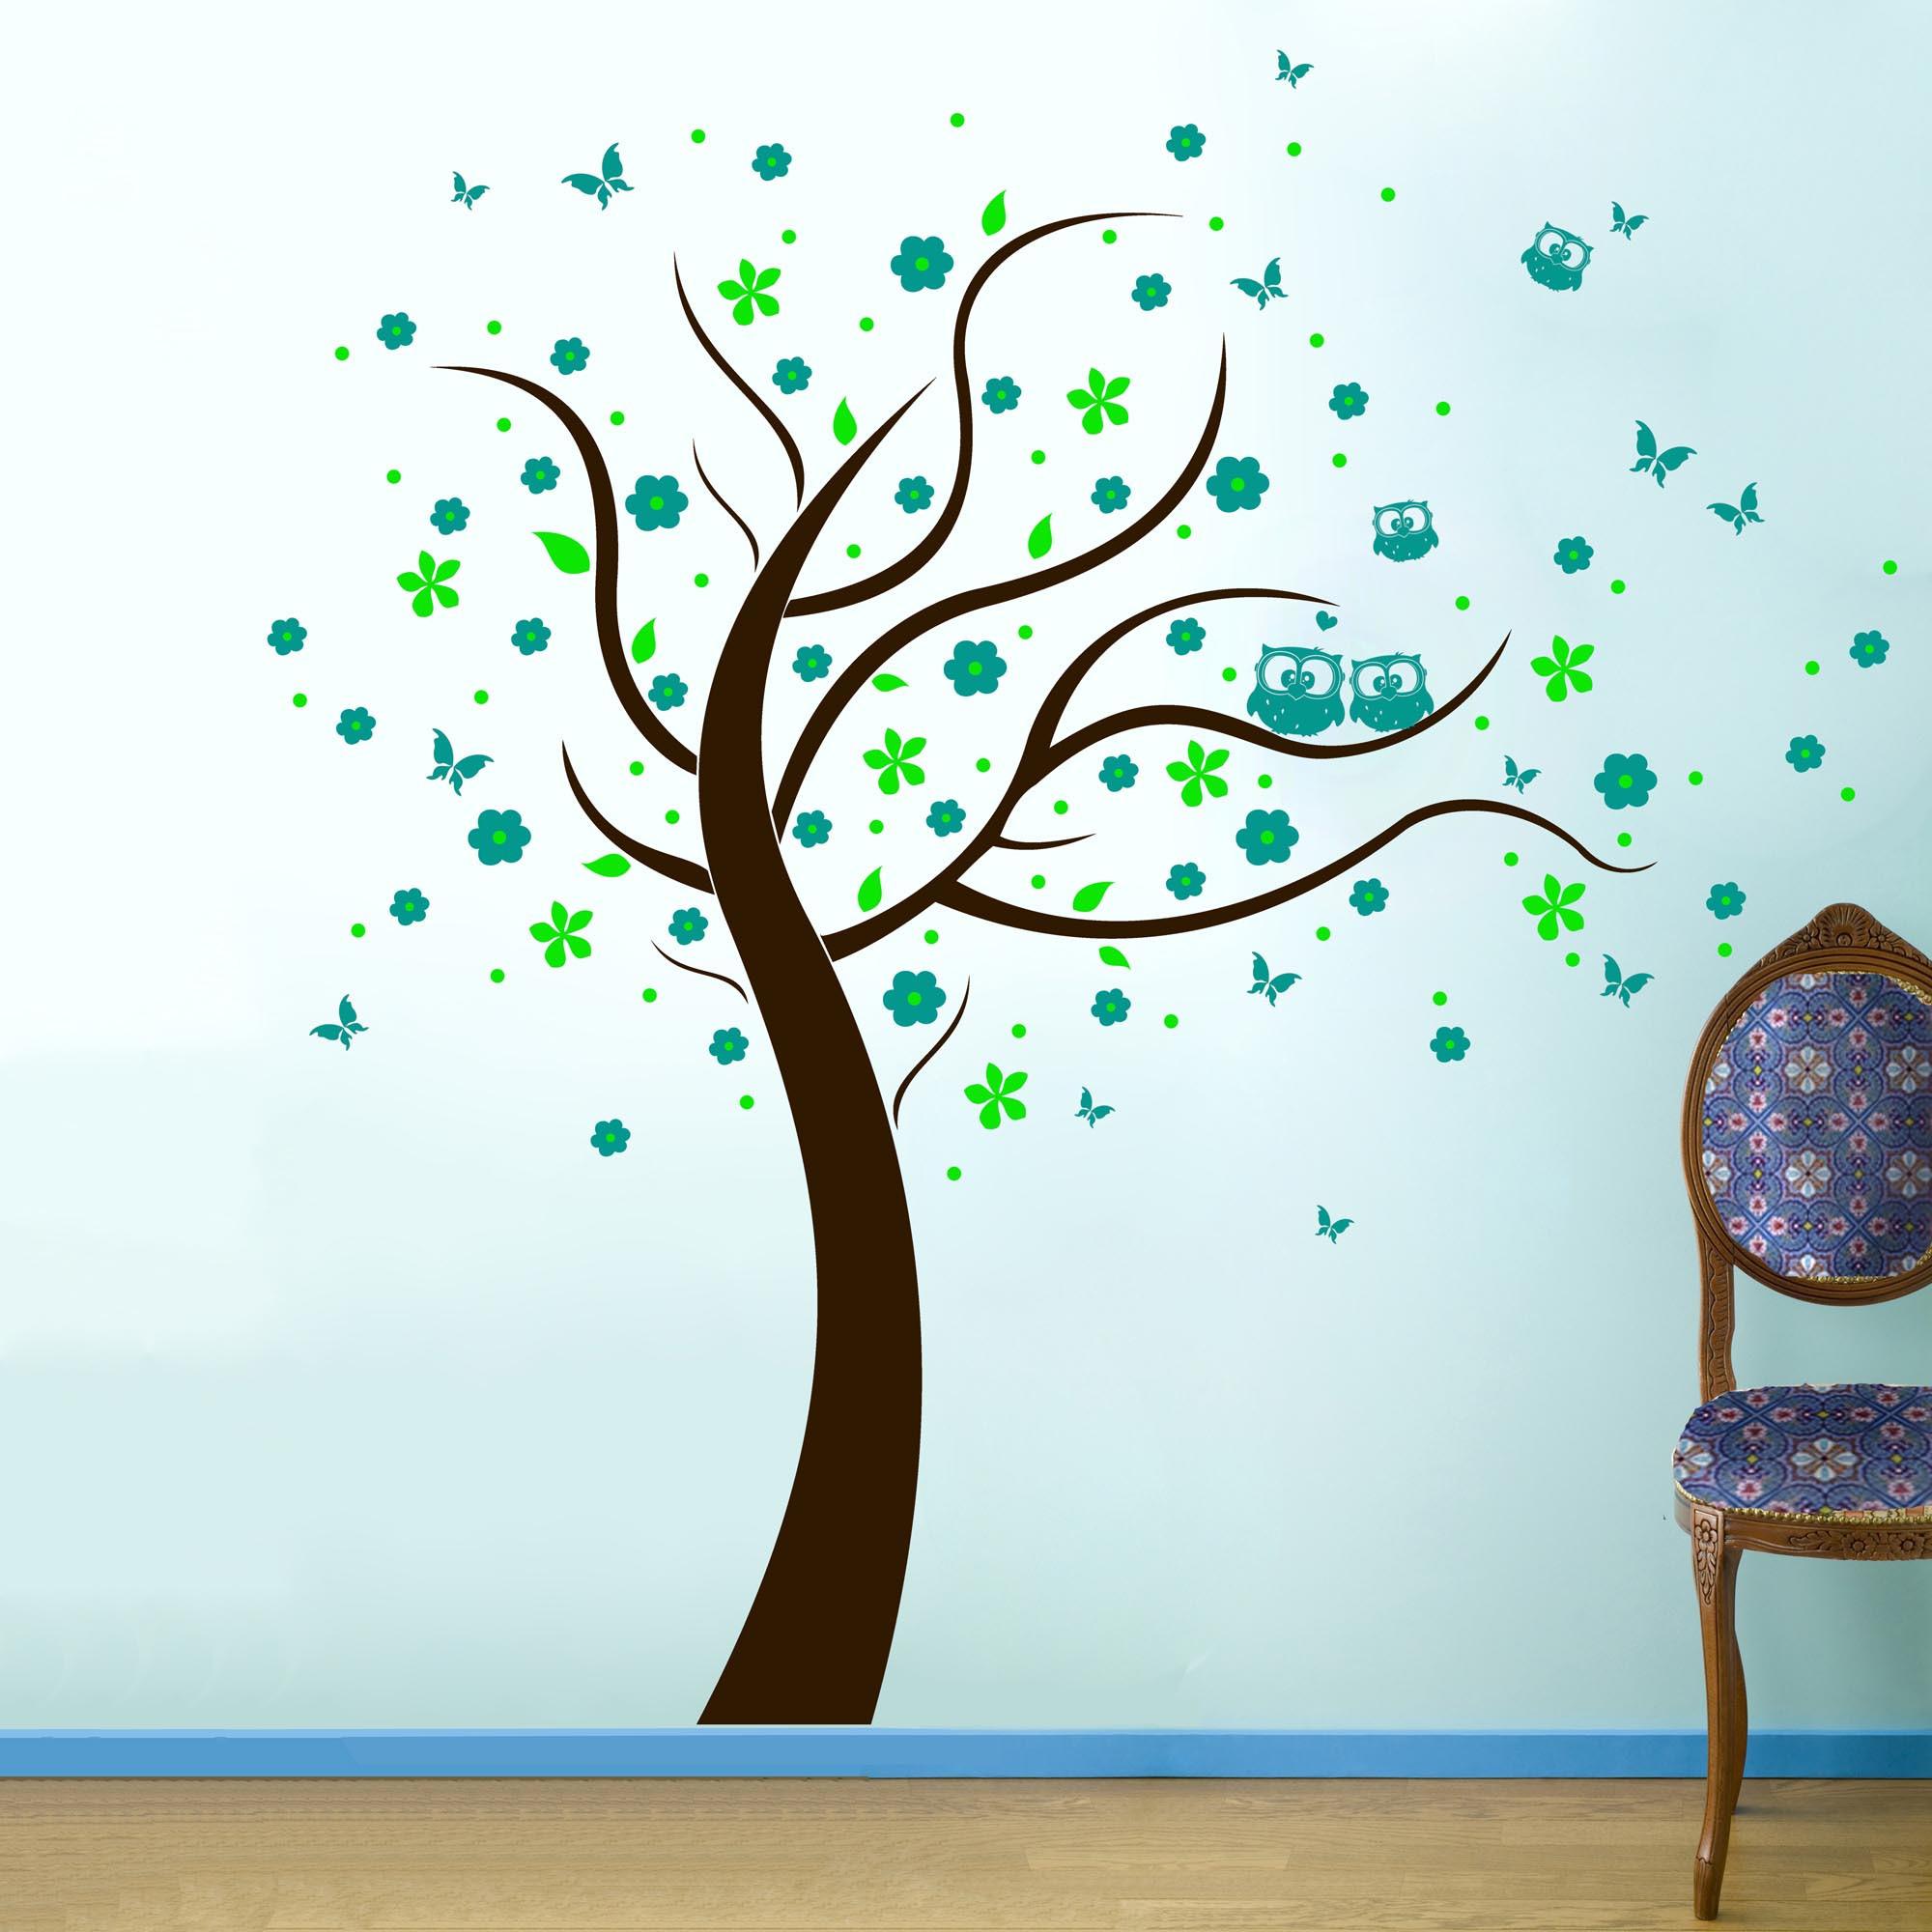 Wandtattoo Eulenbaum Baum Mit Eulen Bluten Punkten Und